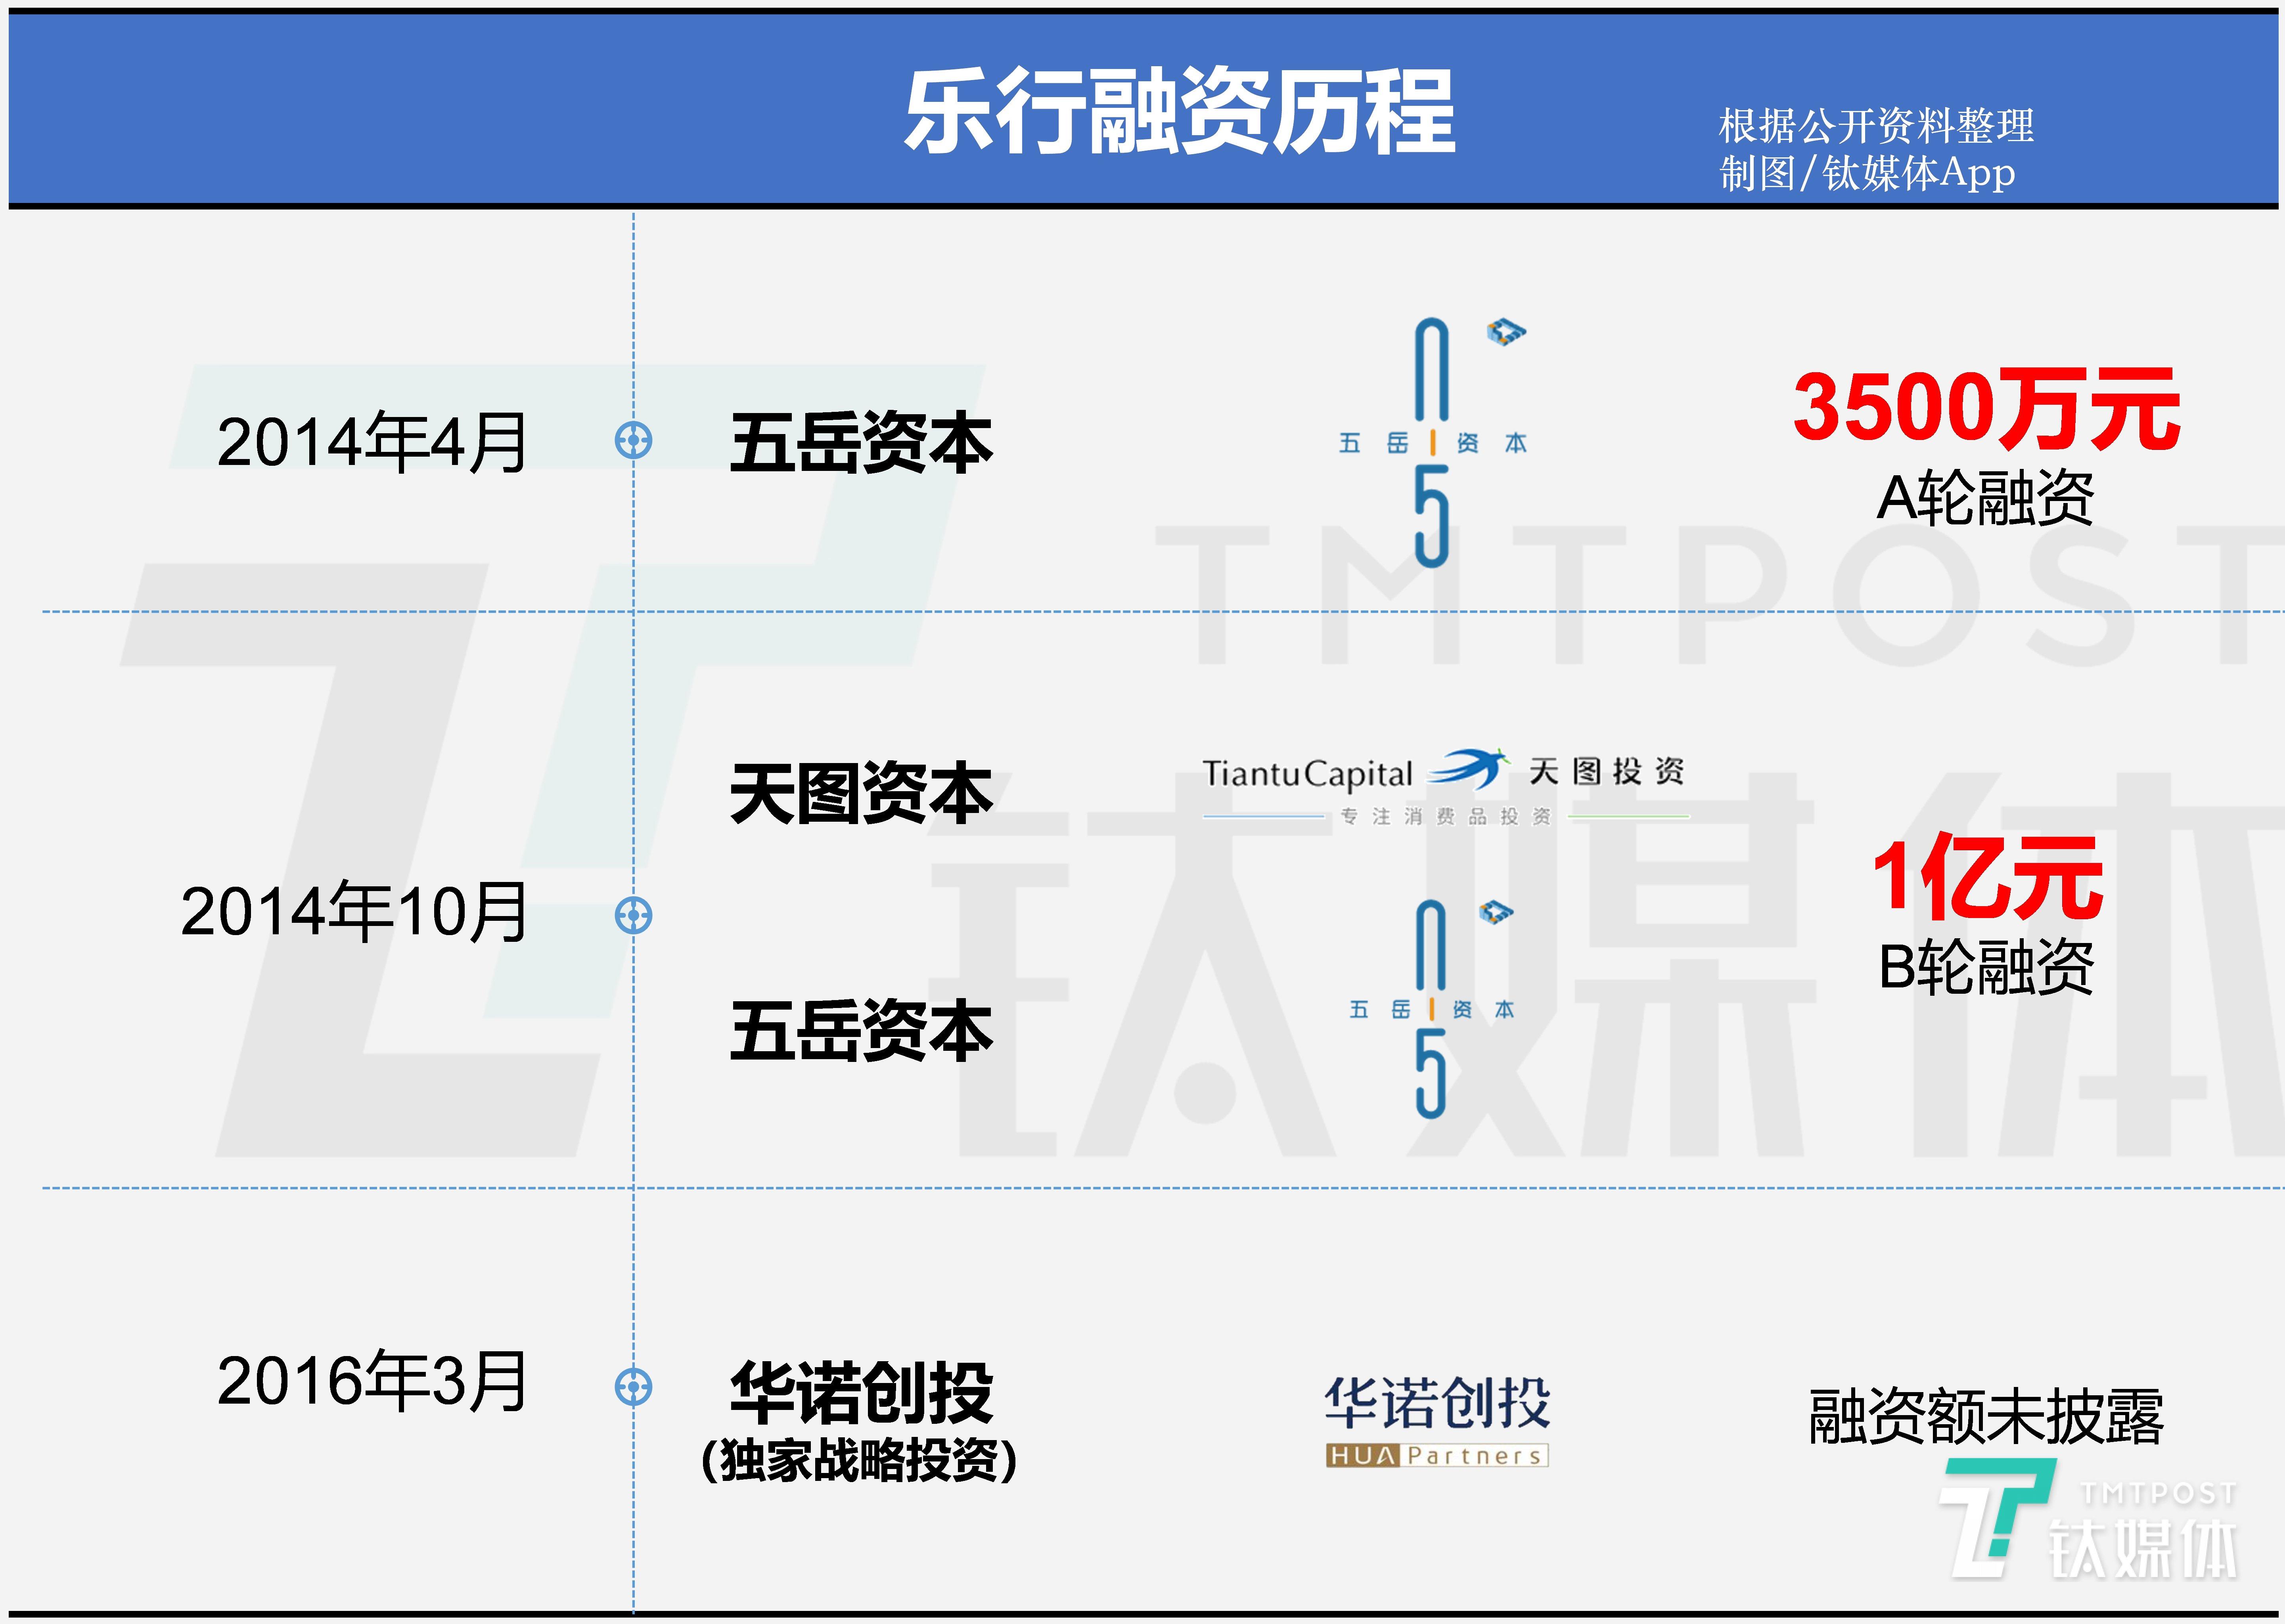 乐行融资历程(制图:百人牛牛App)